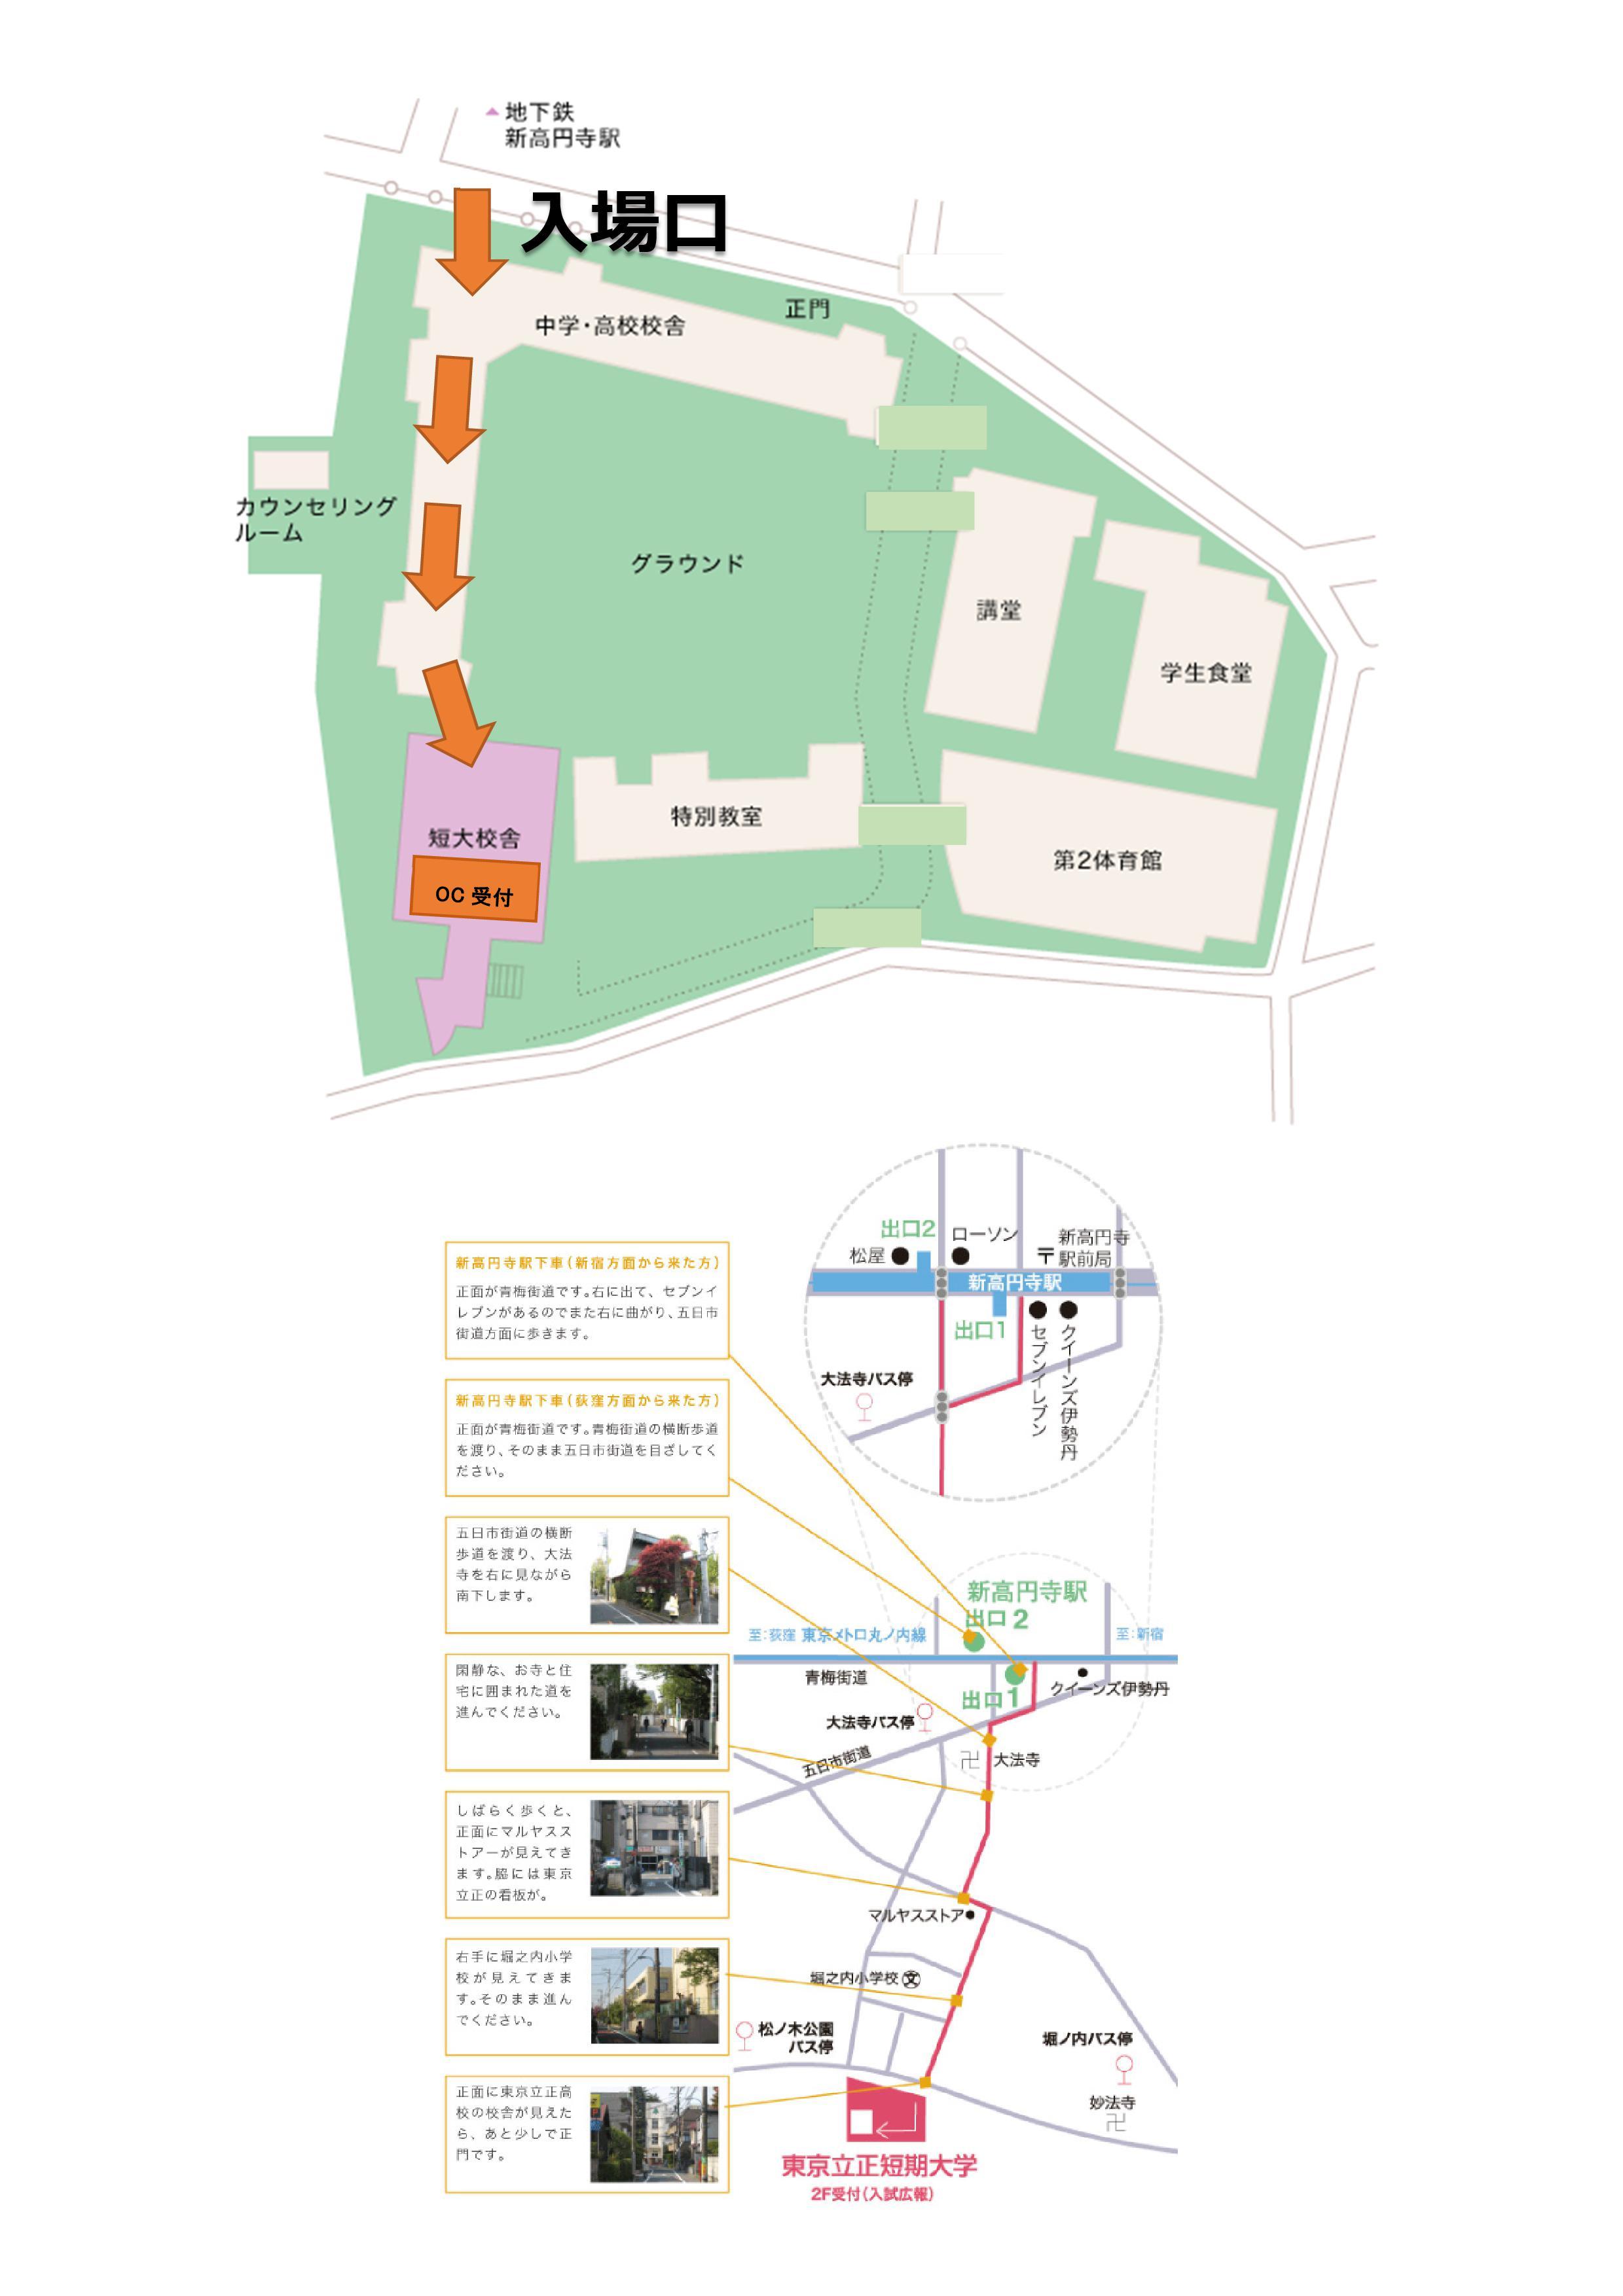 9/29(日)文化祭開催のお知らせ | 東京立正短期大学